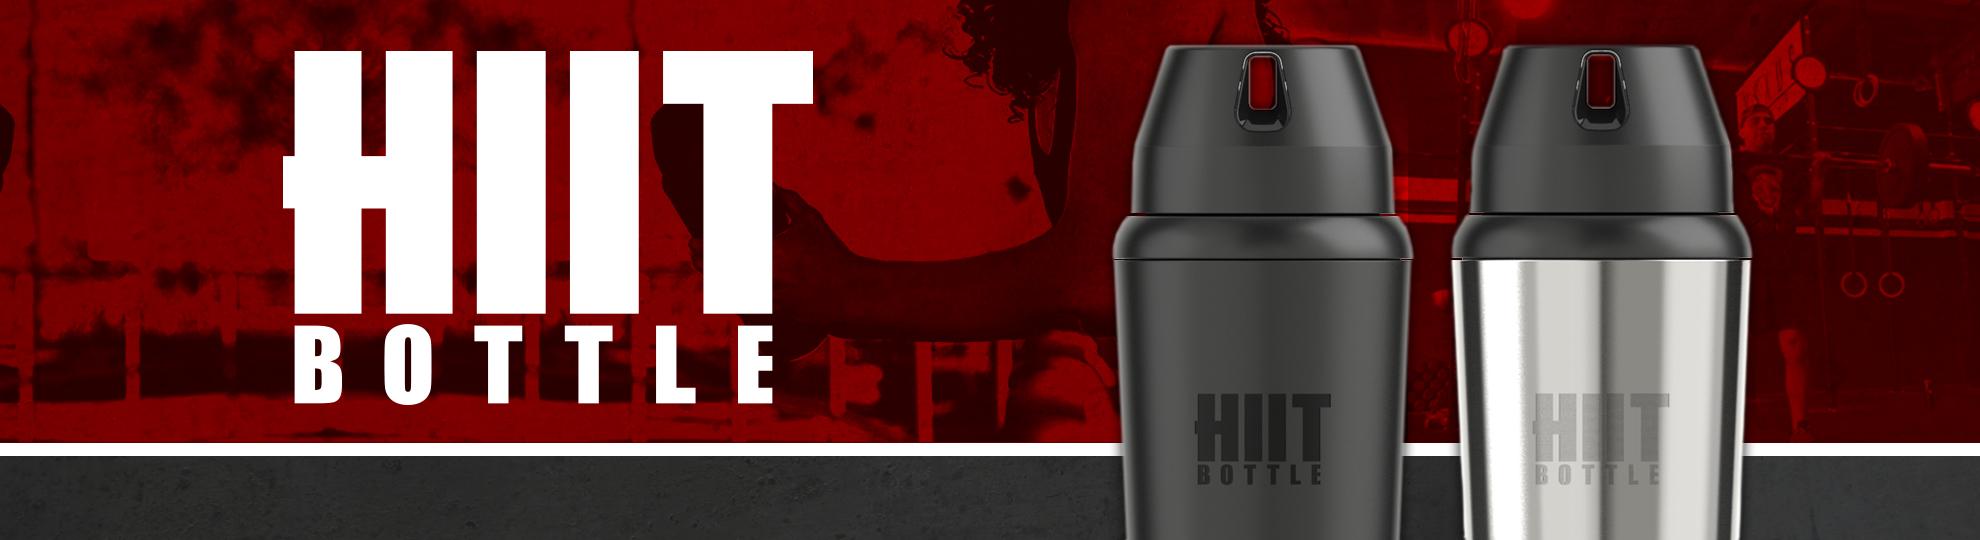 1920-x-540-Slider-Revolution-4-HIIT-Bottle-